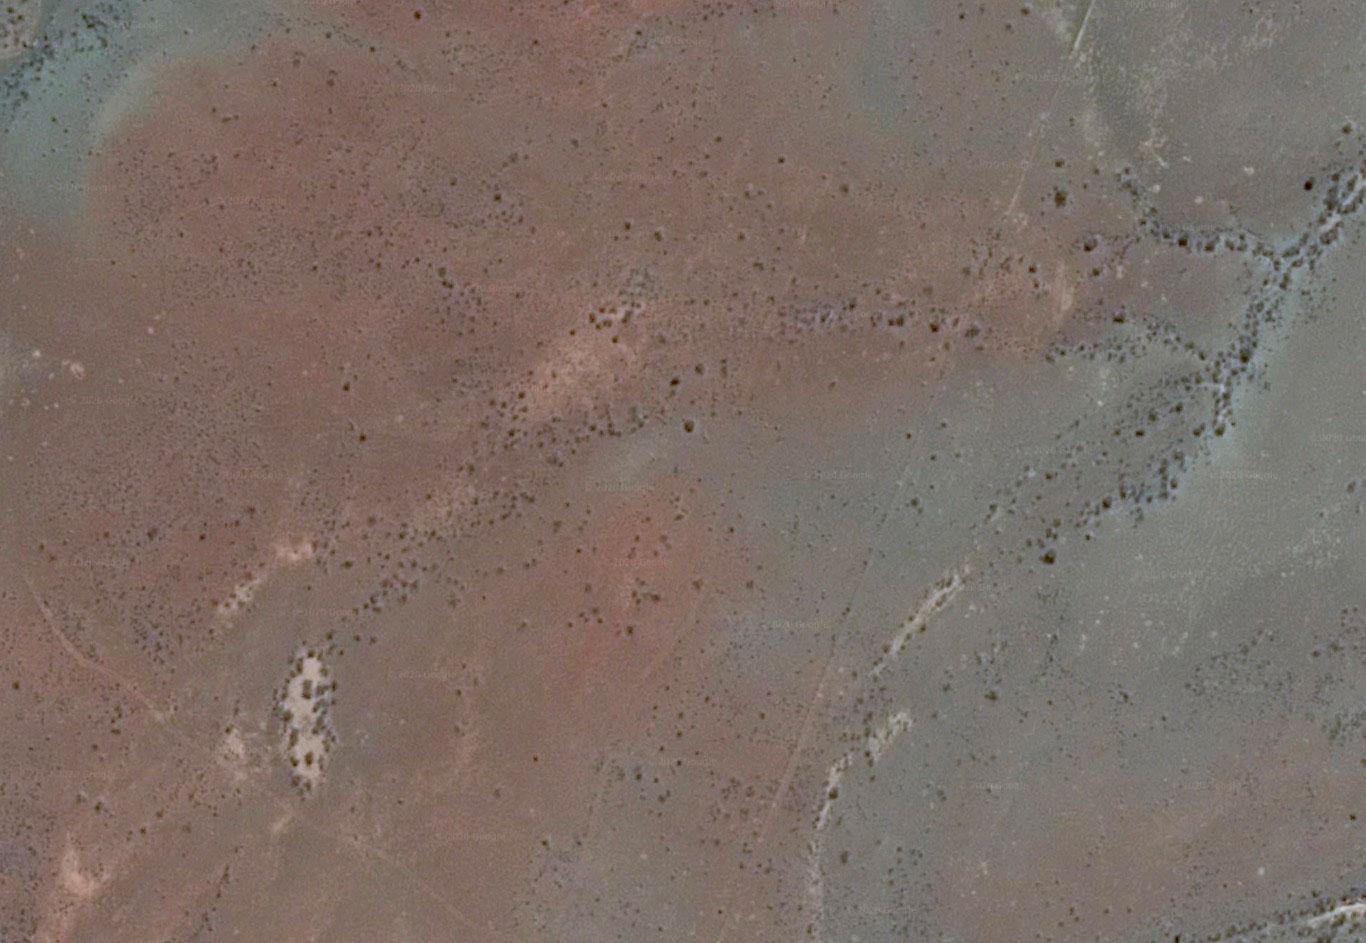 Les cercles de fée de Namibie, une énigme géologique